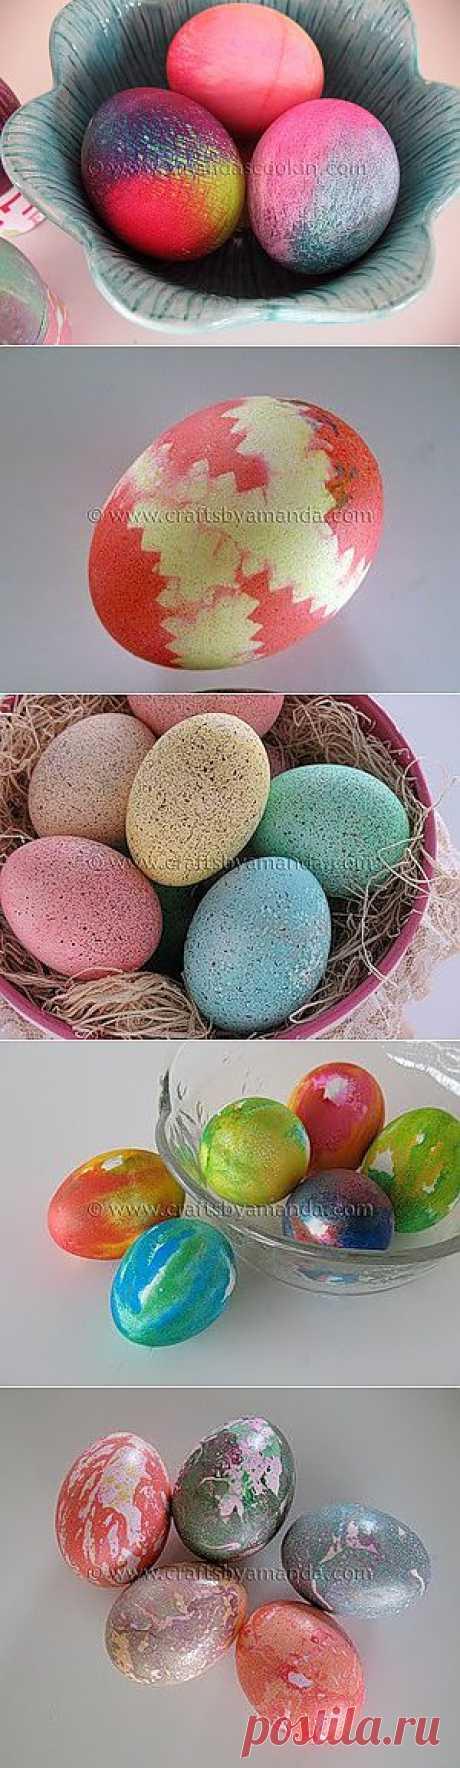 Крашенки – идеи для окрашивания пасхальных яиц.